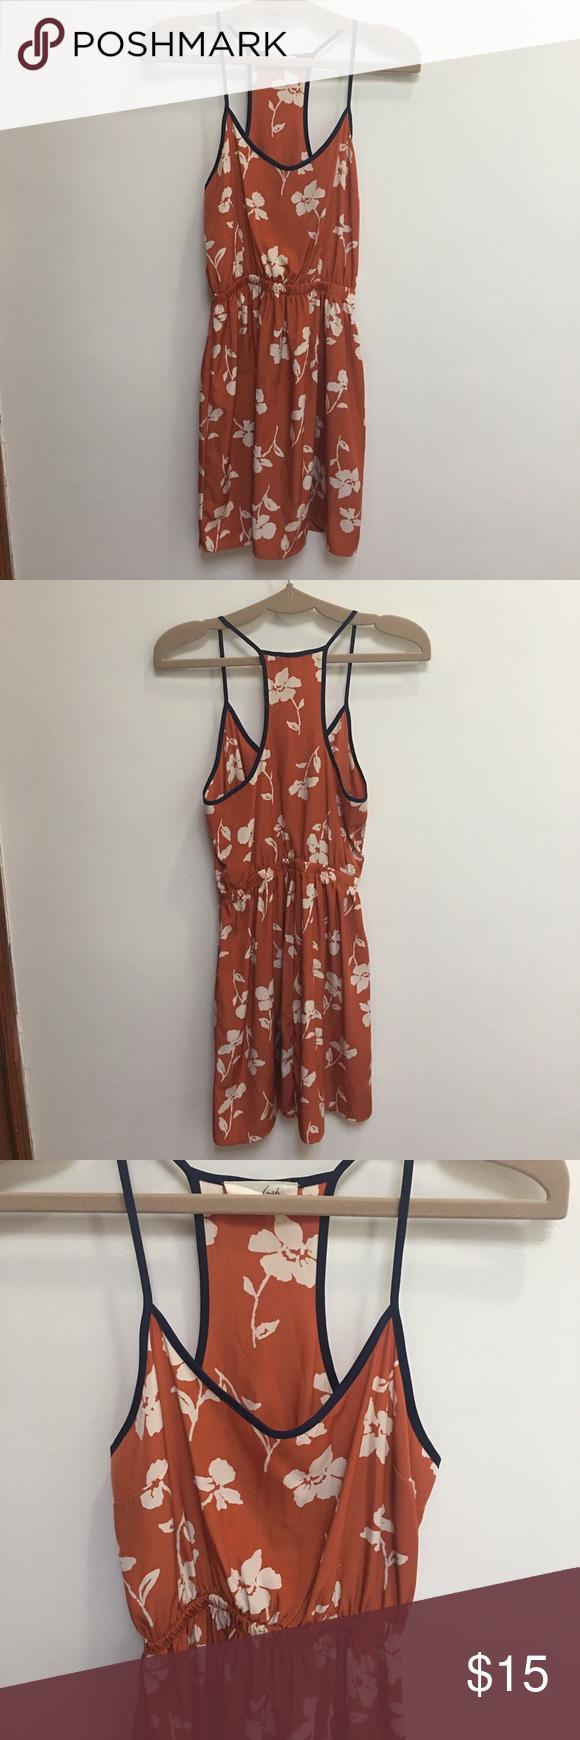 Orange Flowered Dress Orange Flowered Dress from Nordstrom Rack Lush Dresses Mini